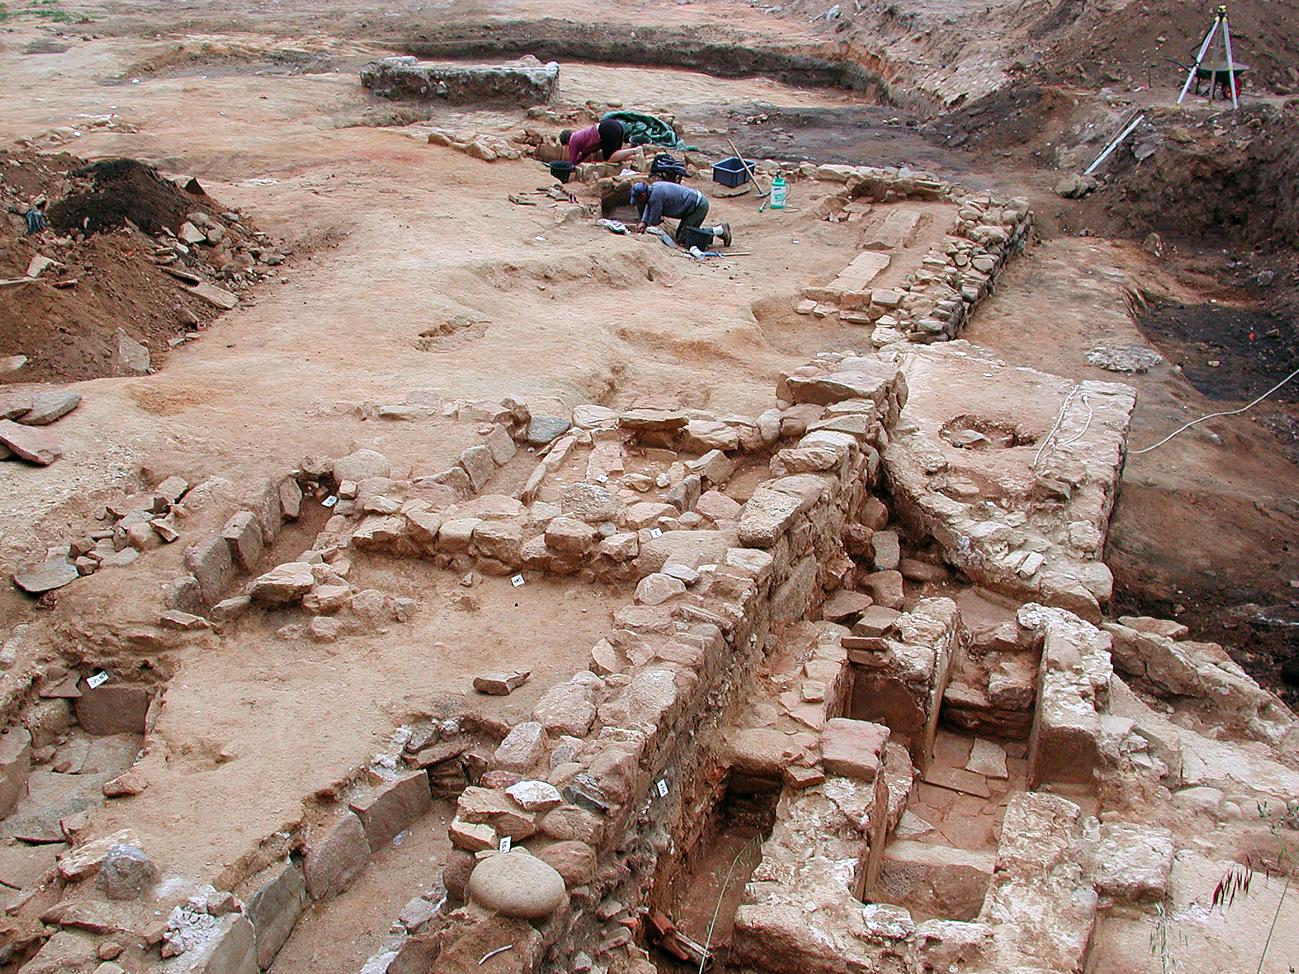 Etendue des fouilles lors du travail archéologique de l'Inrap (photo collection Drac).